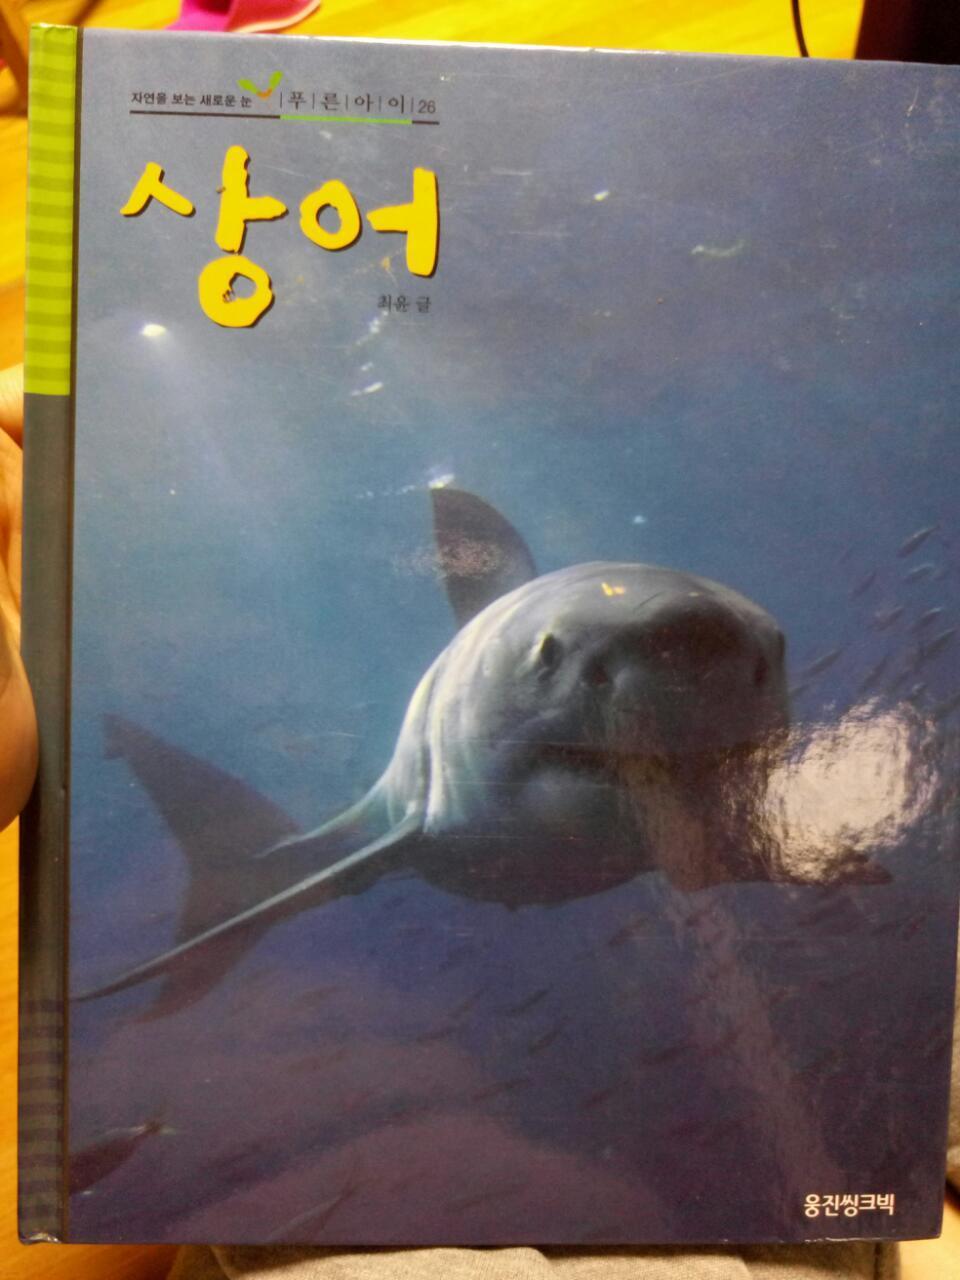 웅진 푸른아이 26 상어